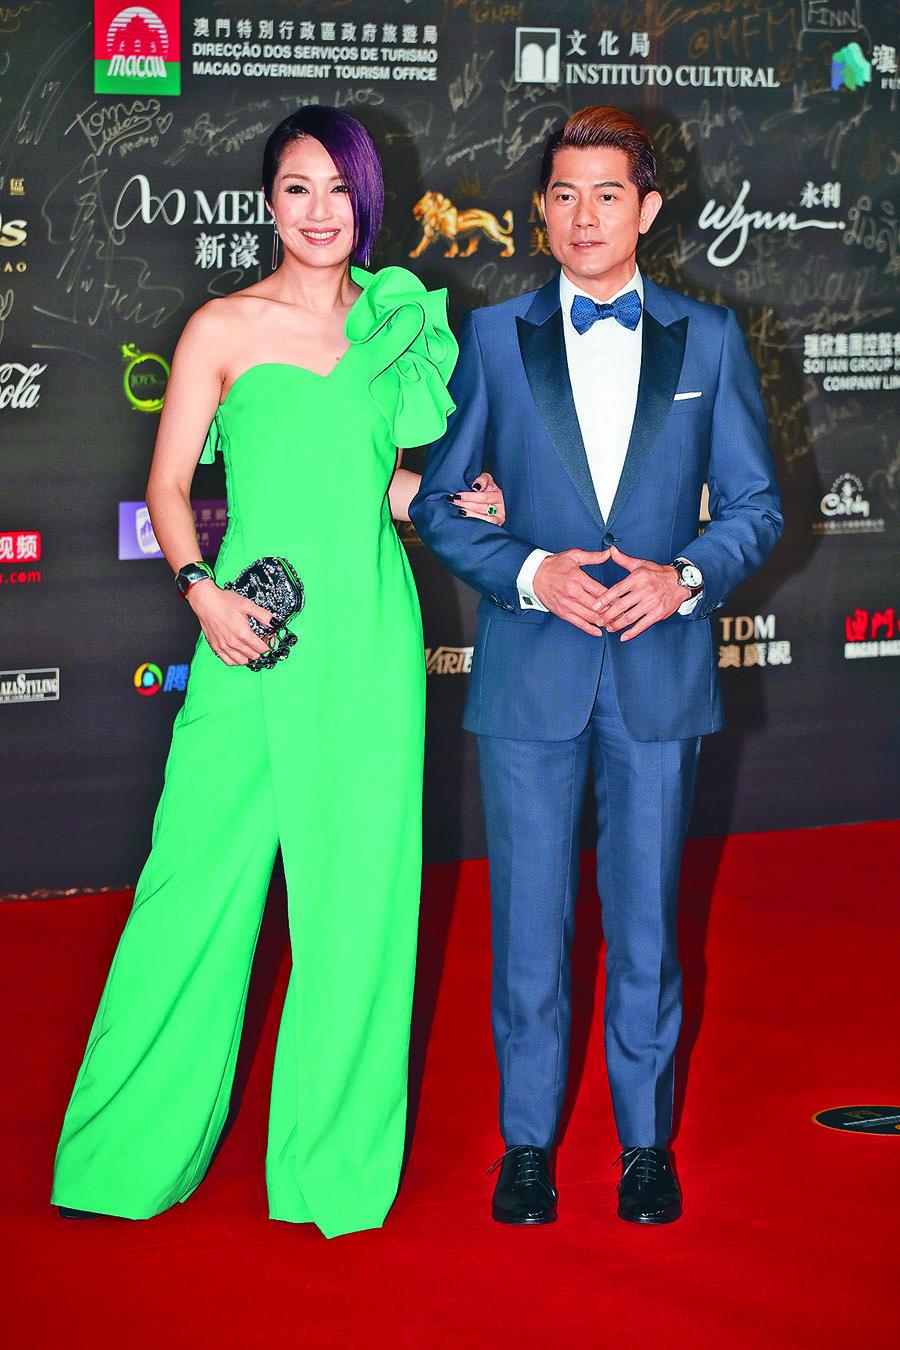 郭富城偕楊千嬅擔任「最佳導演獎」頒獎嘉賓。